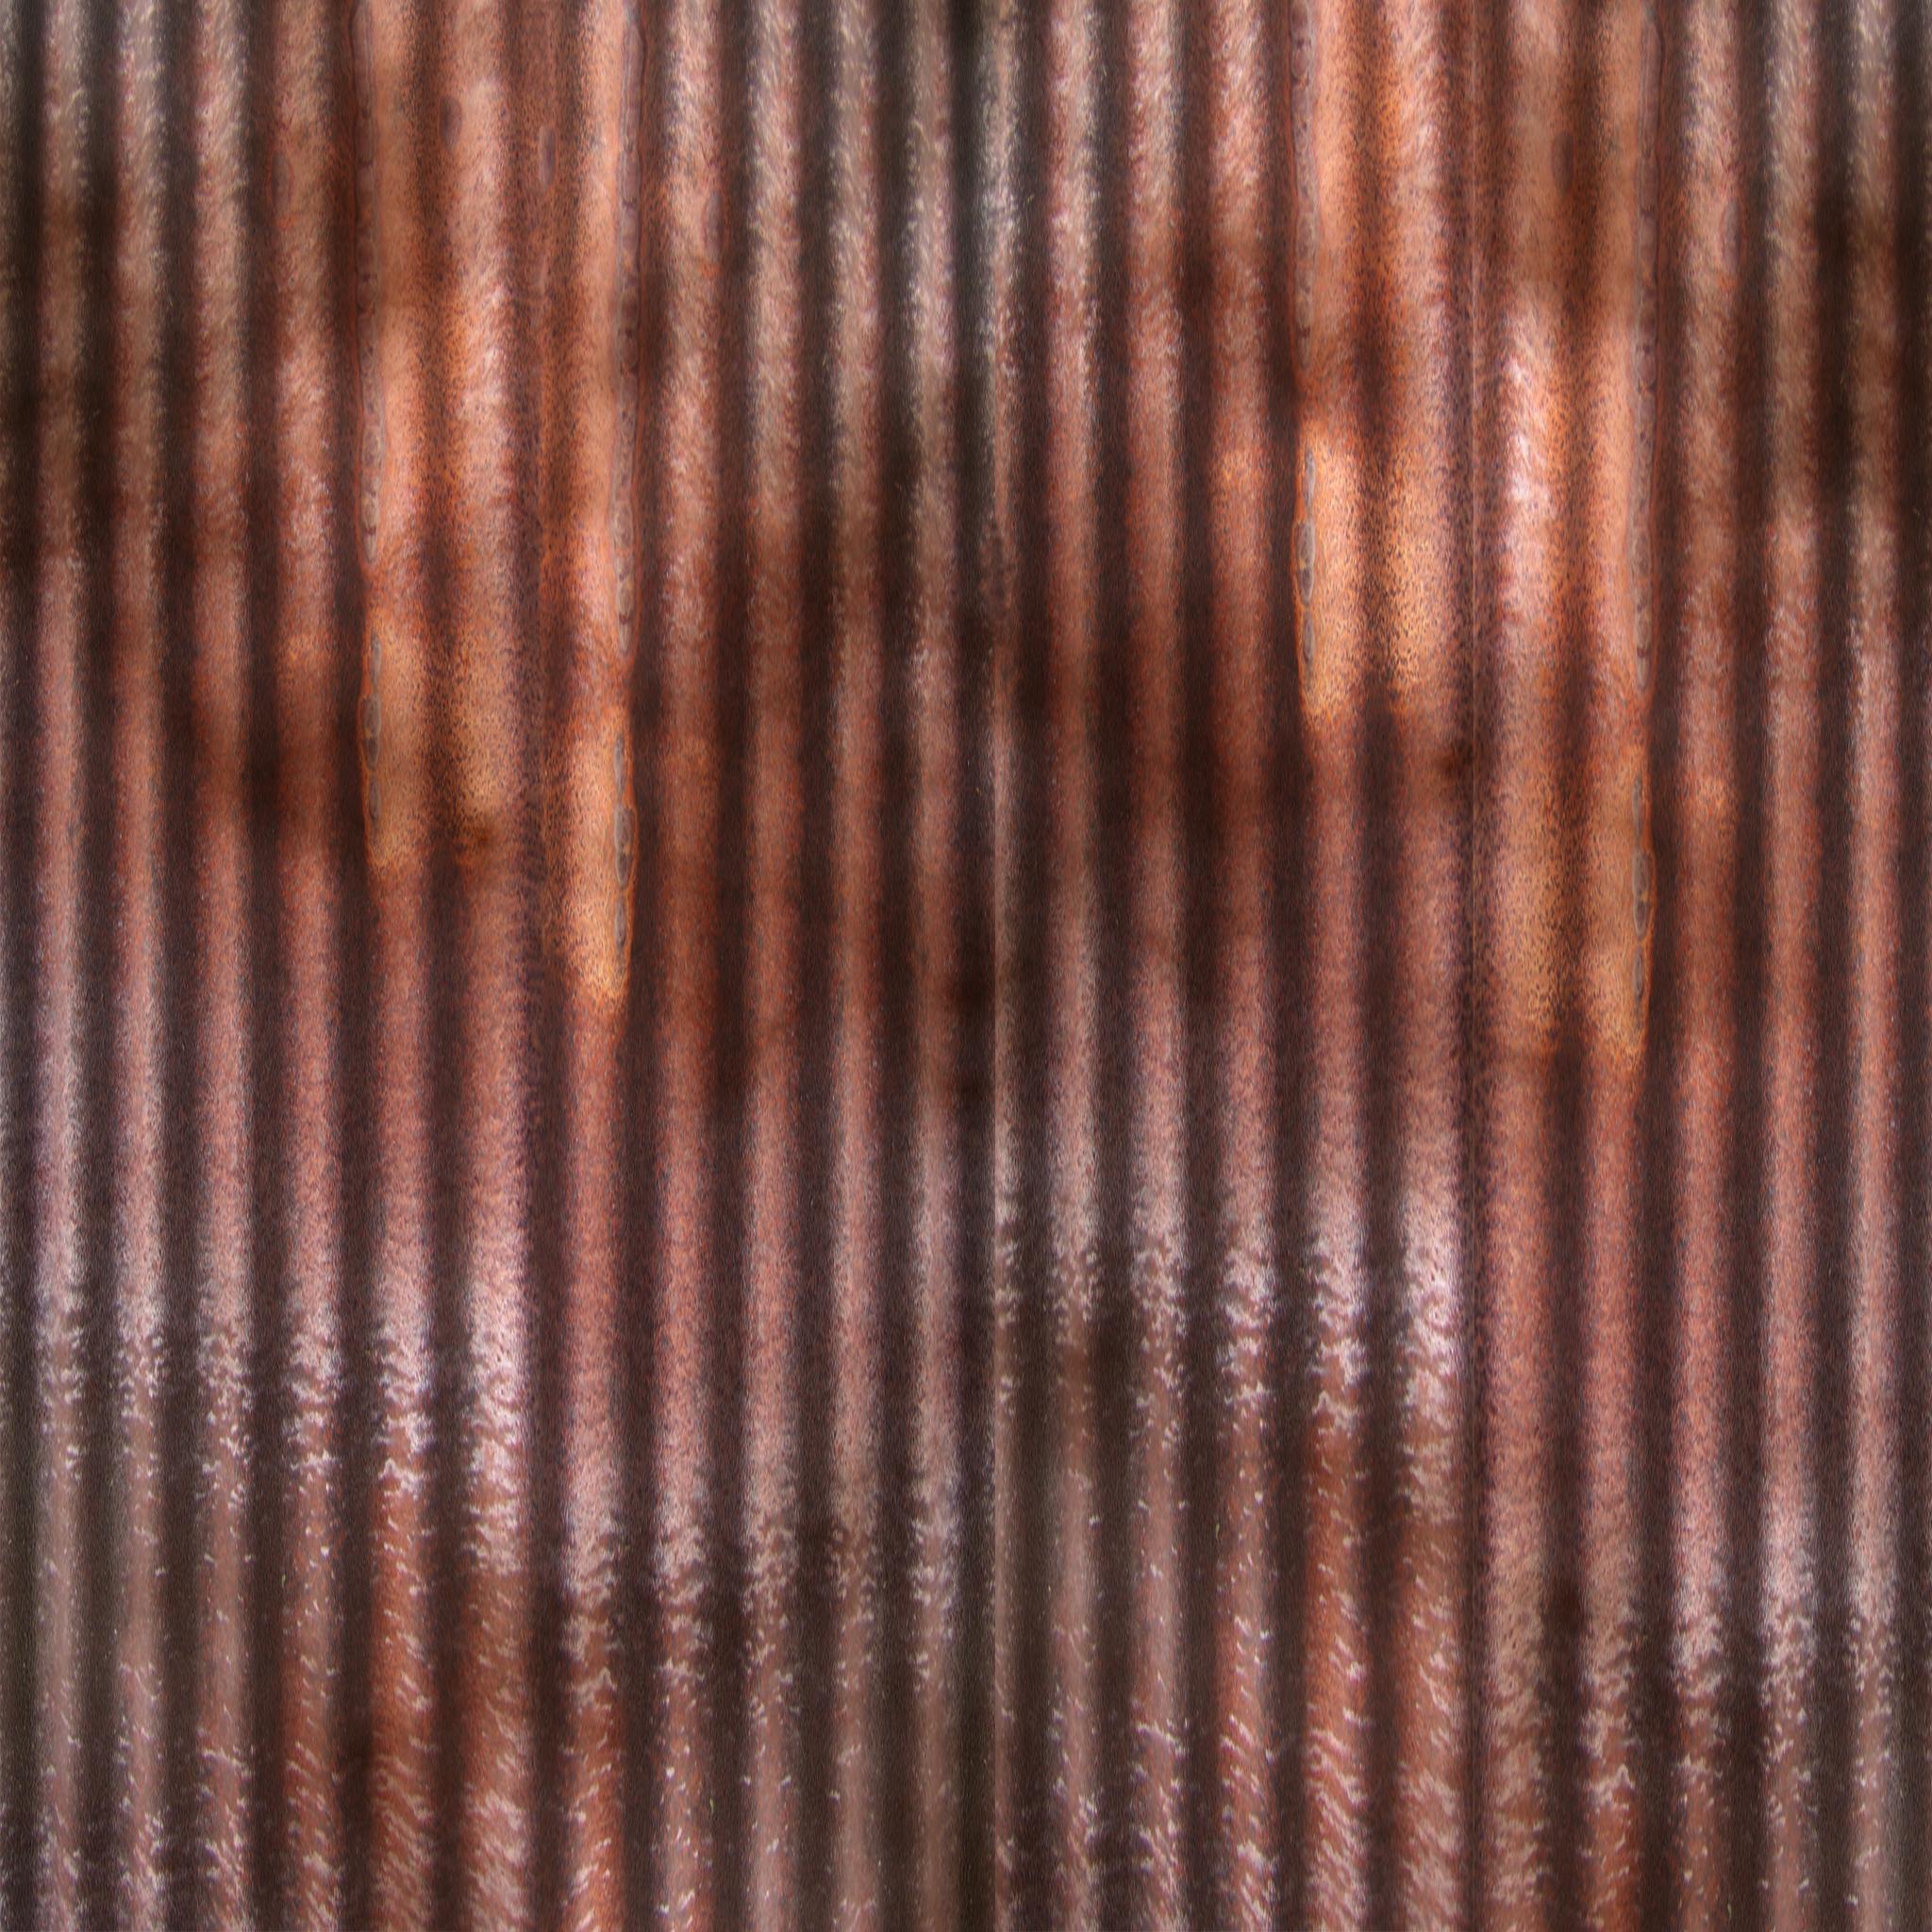 Rustic Tin Wallpaper Wallpapersafari